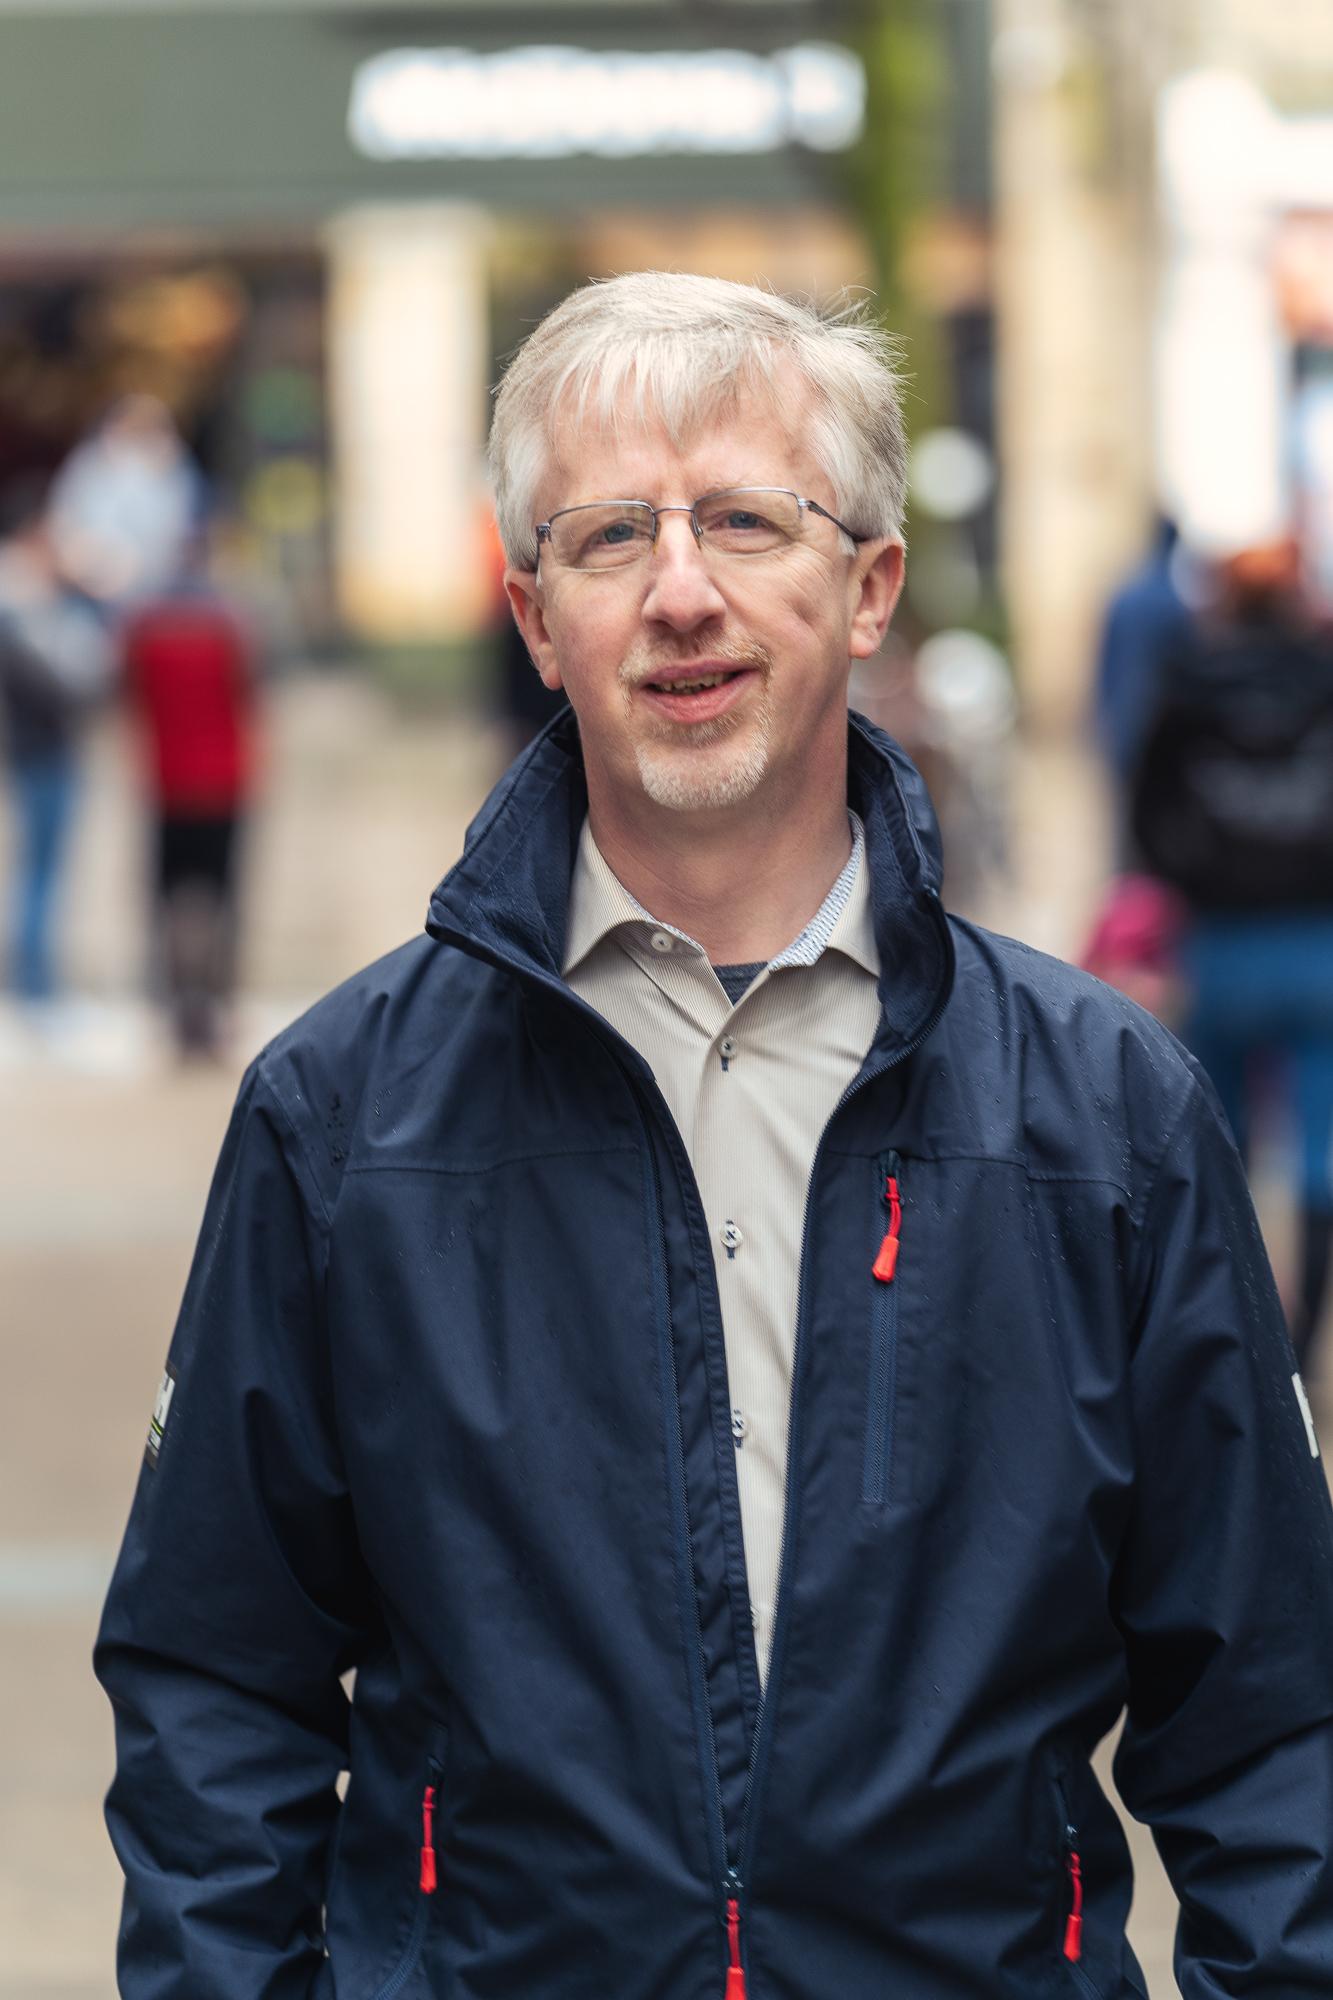 JonMullenLancaster-EnergyEvangelist